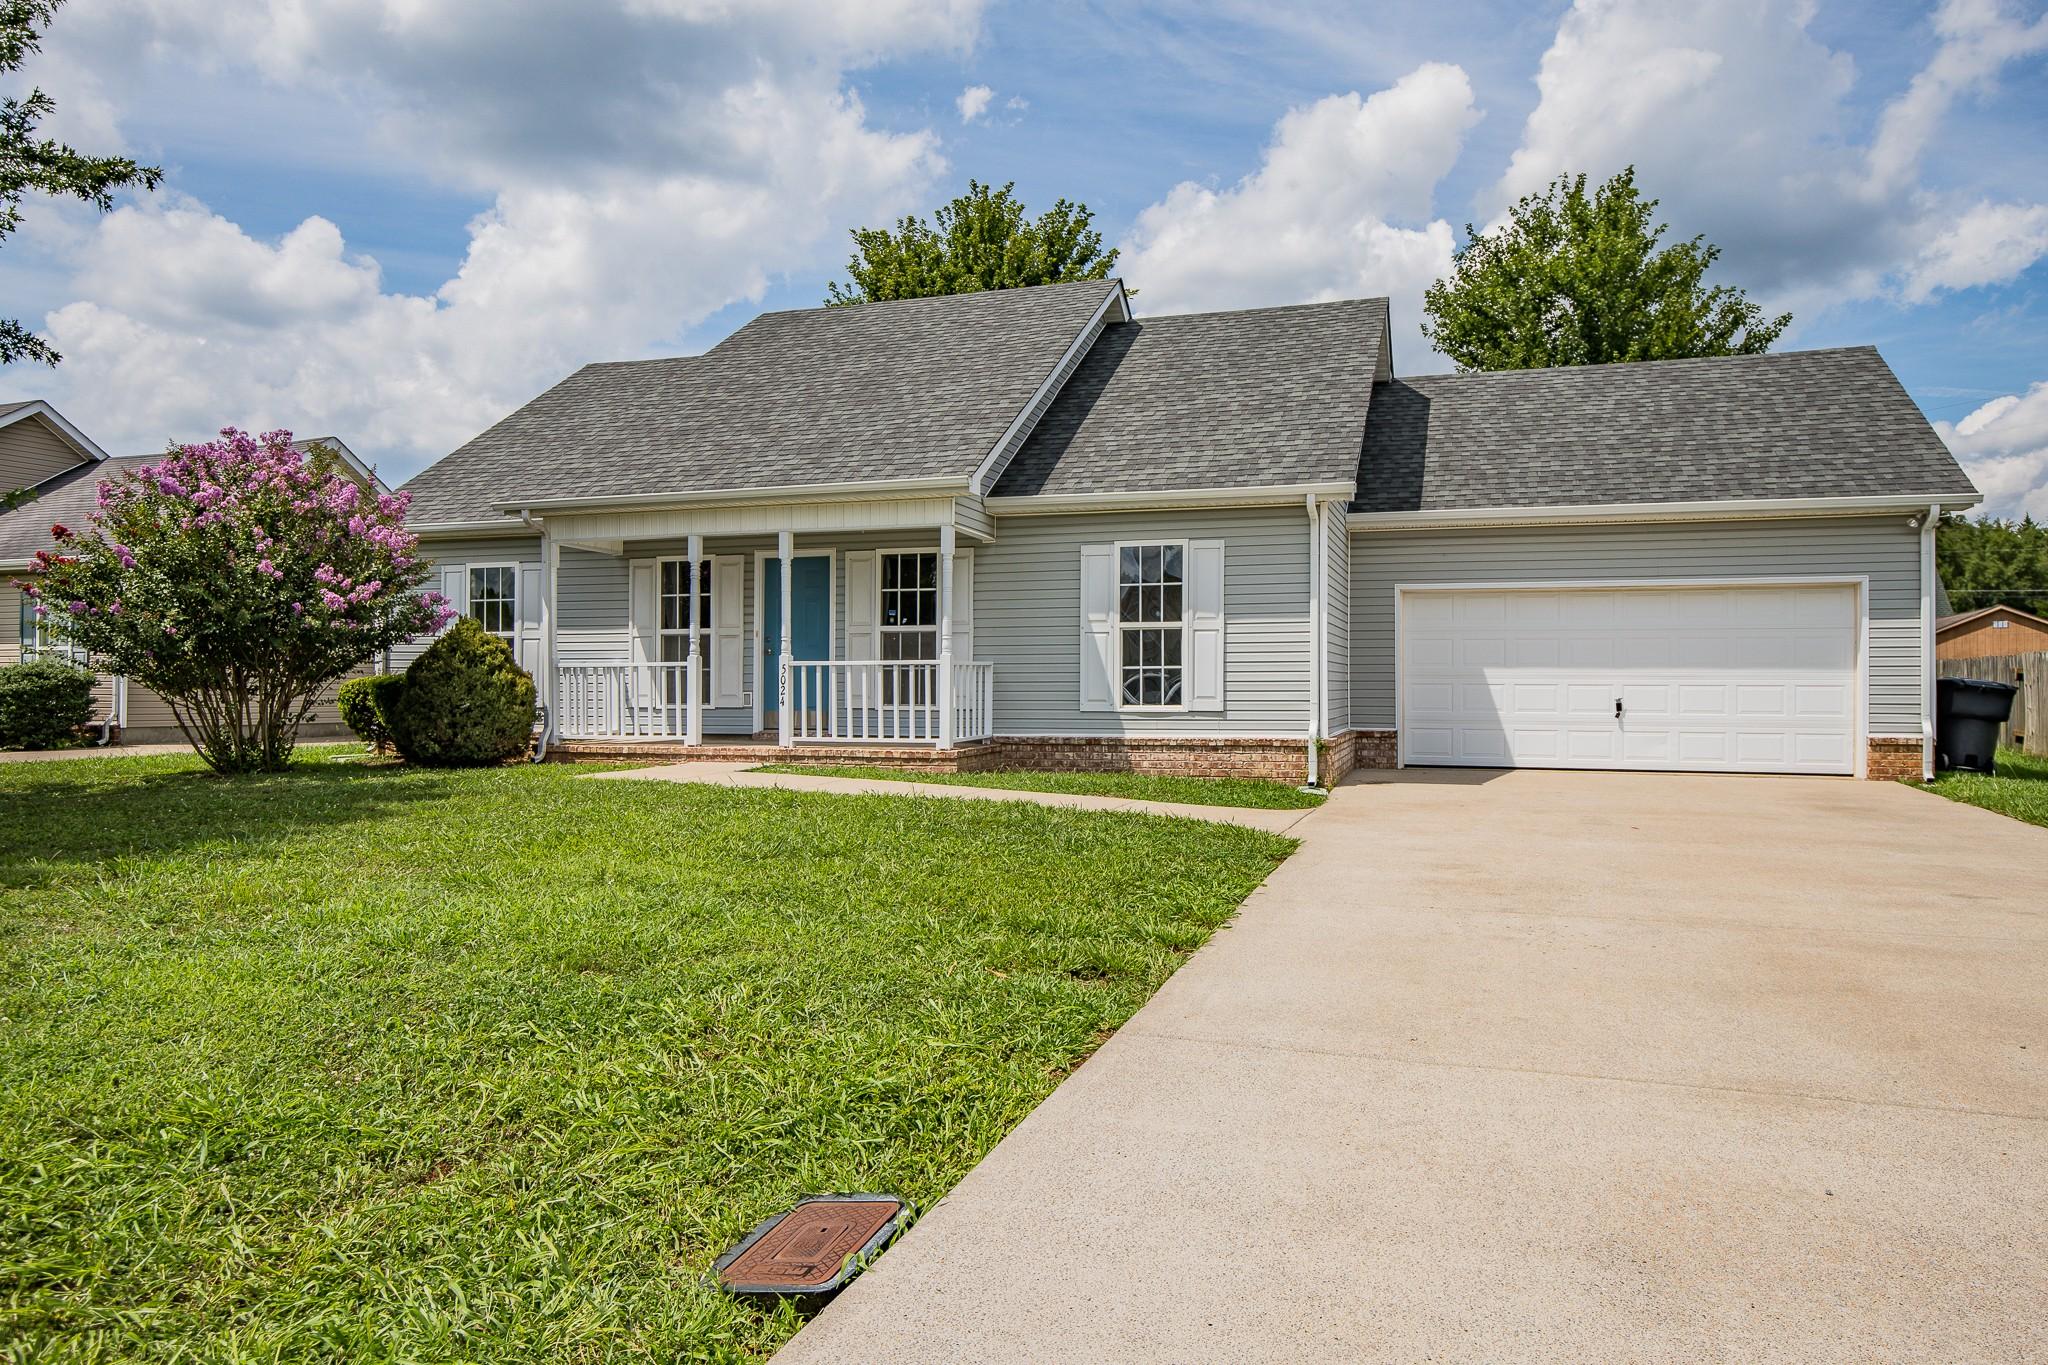 Adams Run Sec 2 Real Estate Listings Main Image